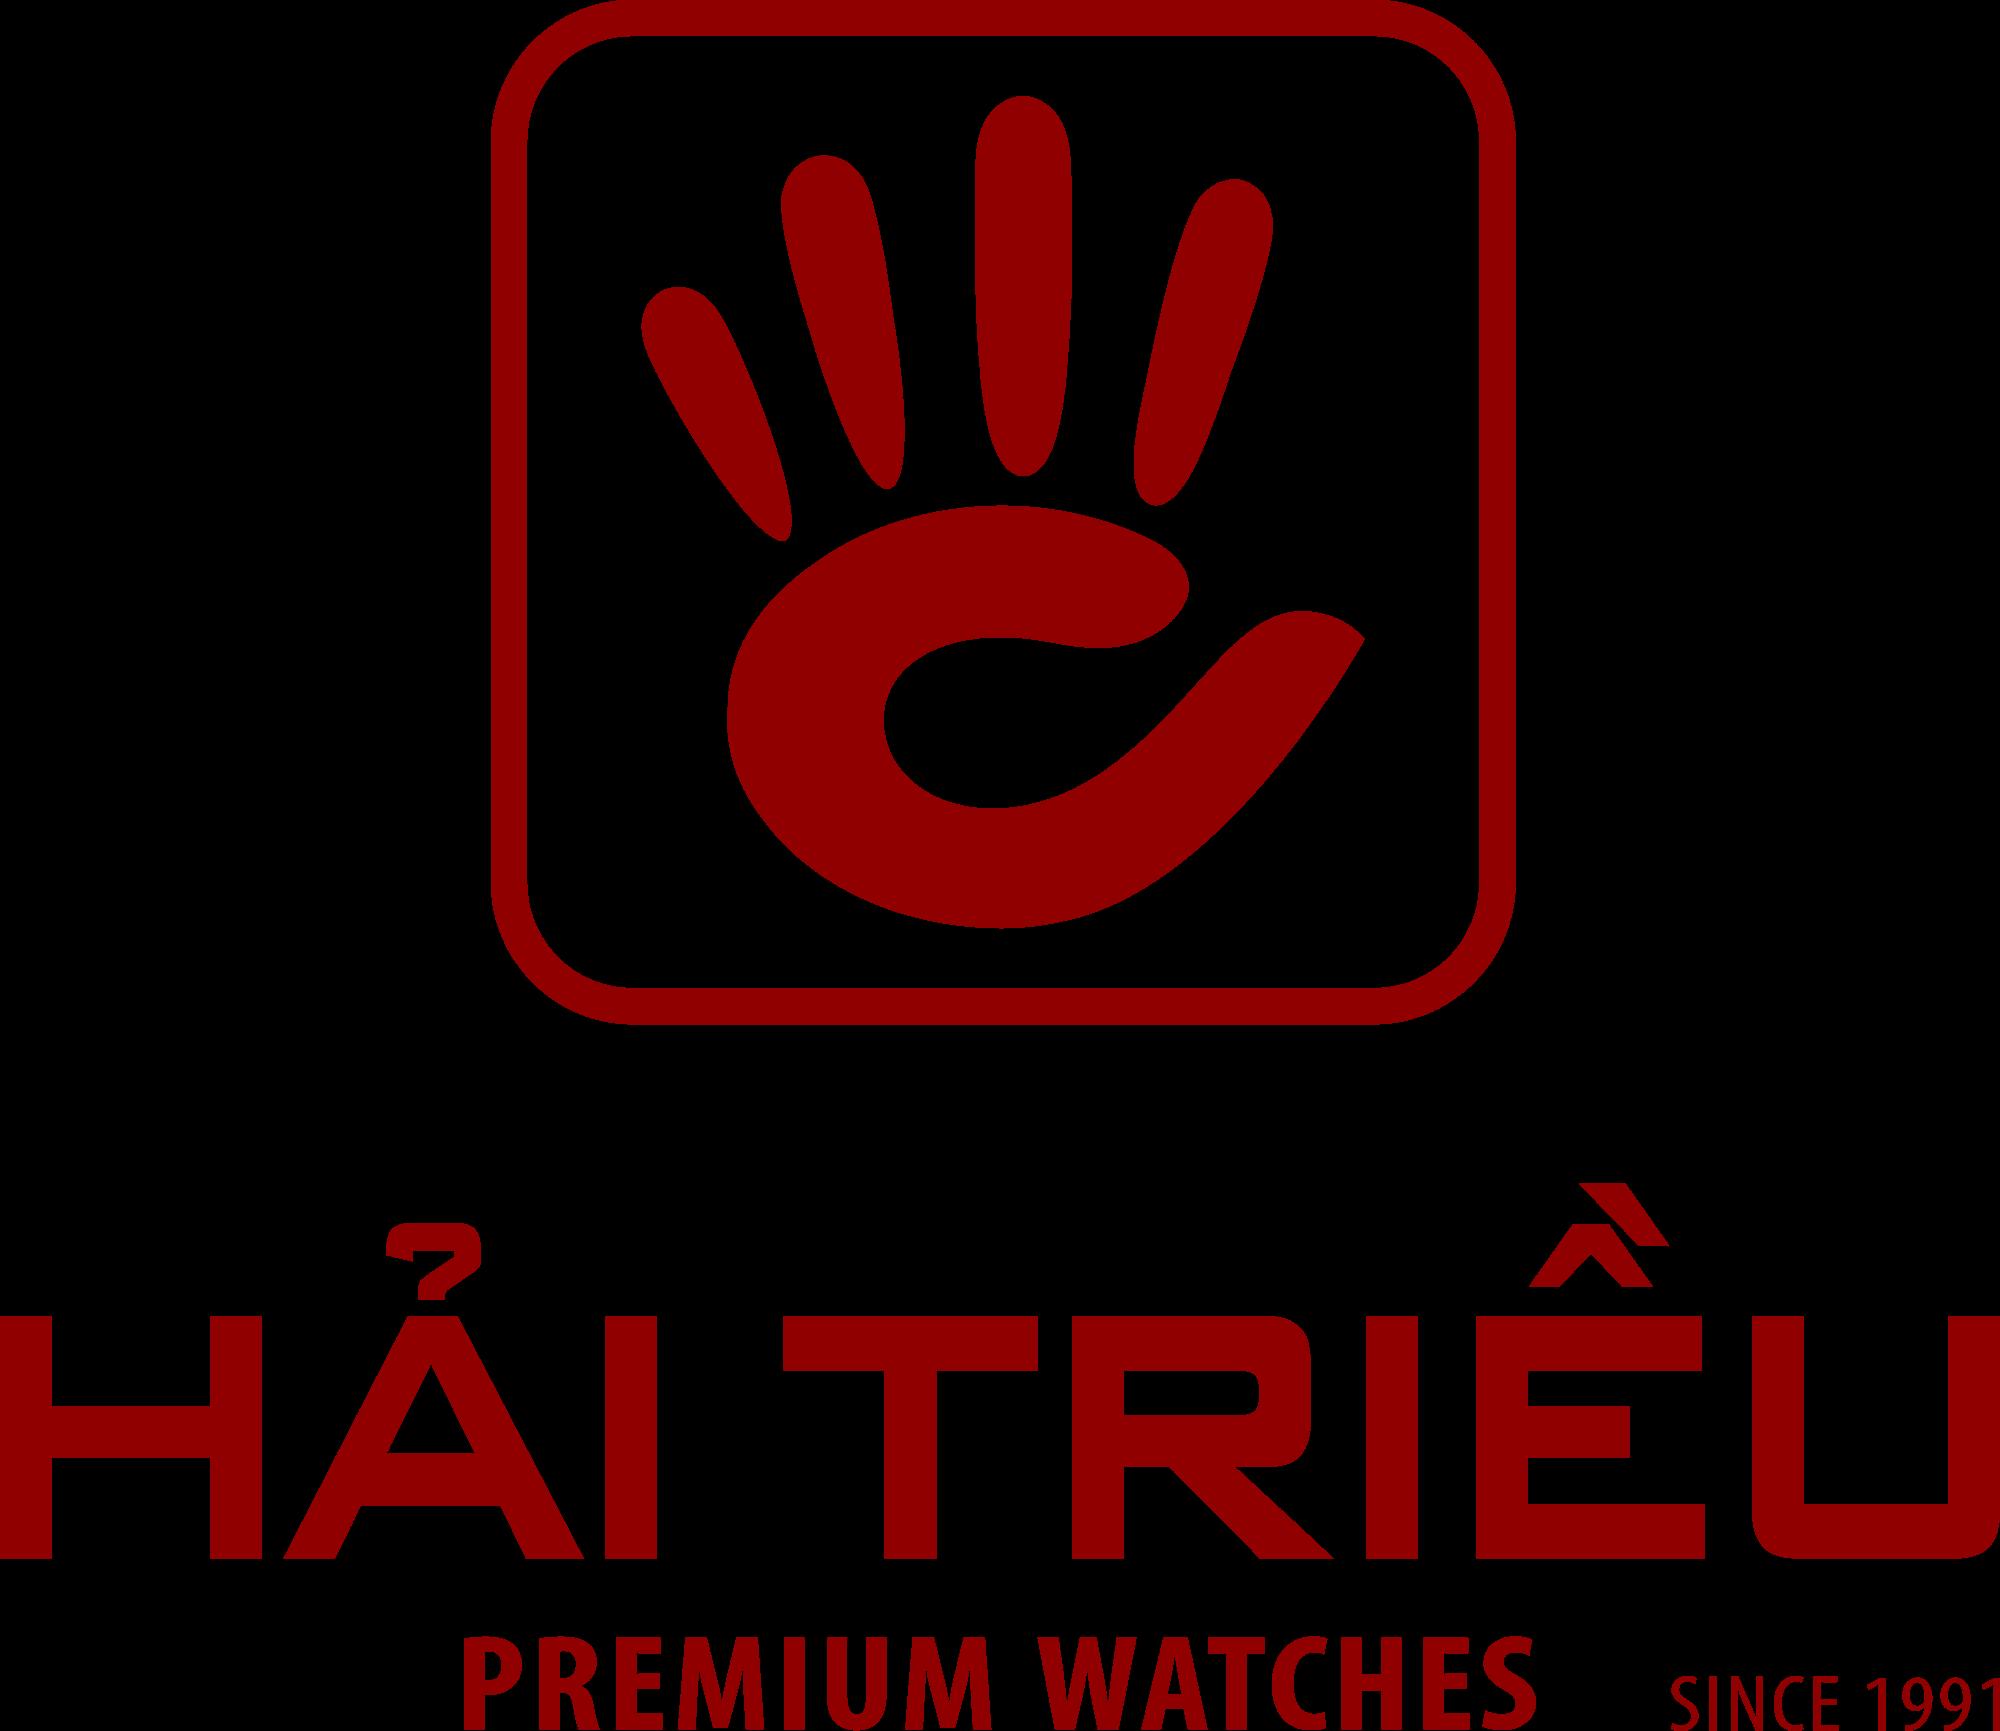 Logo Hình Vuông + Chữ Hải Triều Của Đồng Hồ Hải Triều